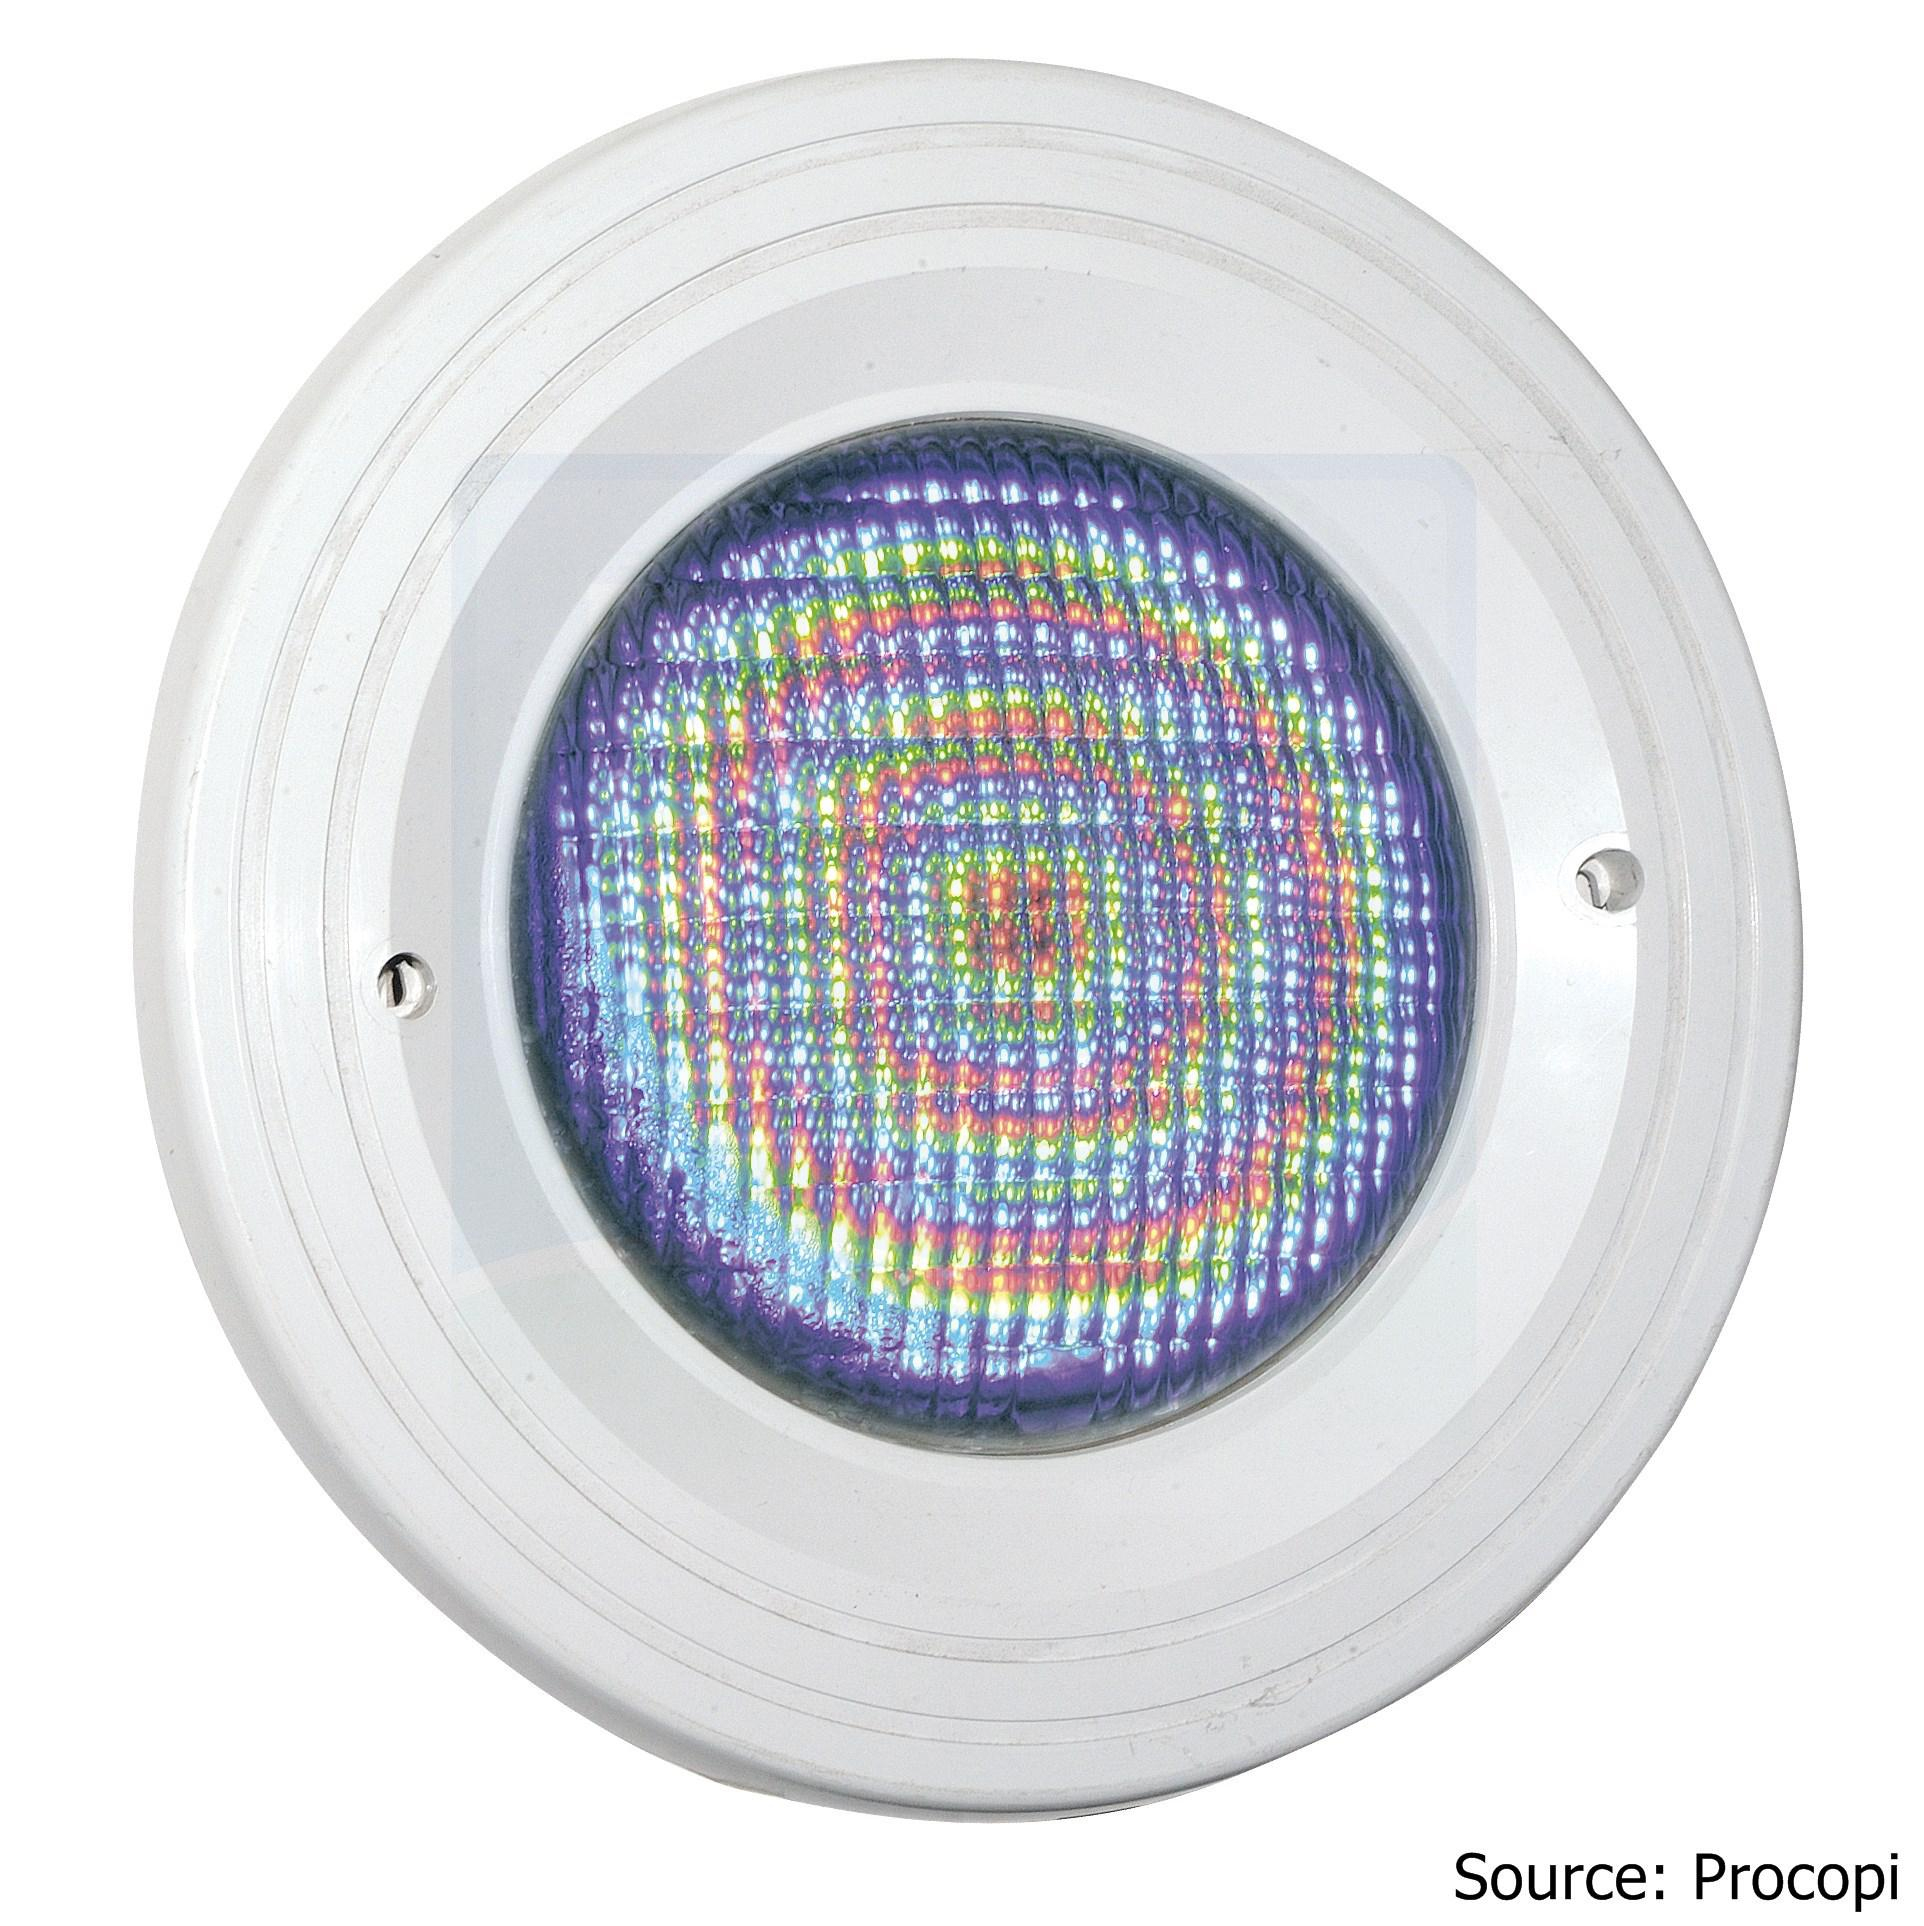 Projecteur À Led Couleurs - Aquareva Pl-06-V-M - 18 W - 12 V Avec  Télécommande Pour Piscine En Maçonnerie Liner - Blanc - H2O Piscines & Spas encequiconcerne Projecteur Led Piscine